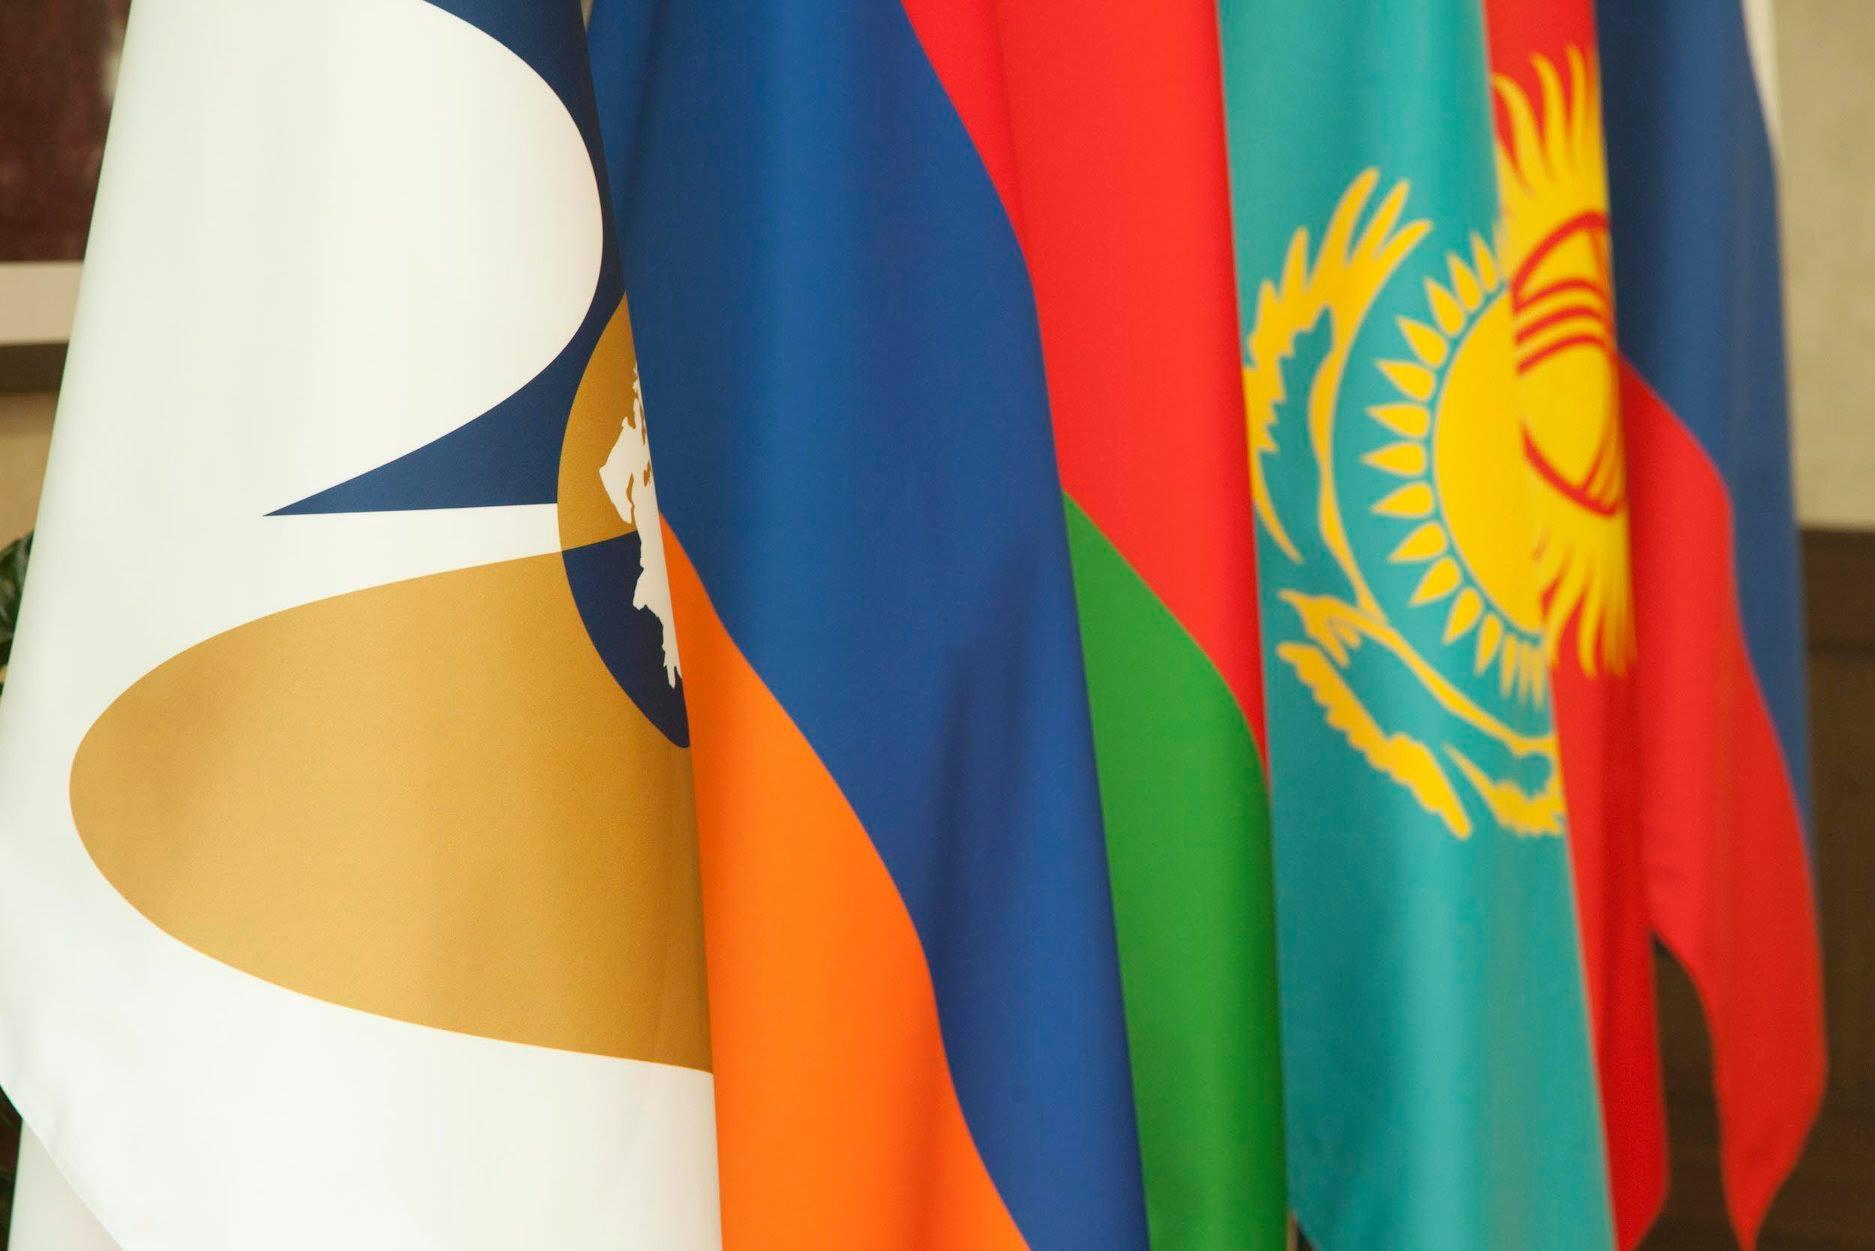 Promised benefits of Eurasian Economic Union not materialised: economists